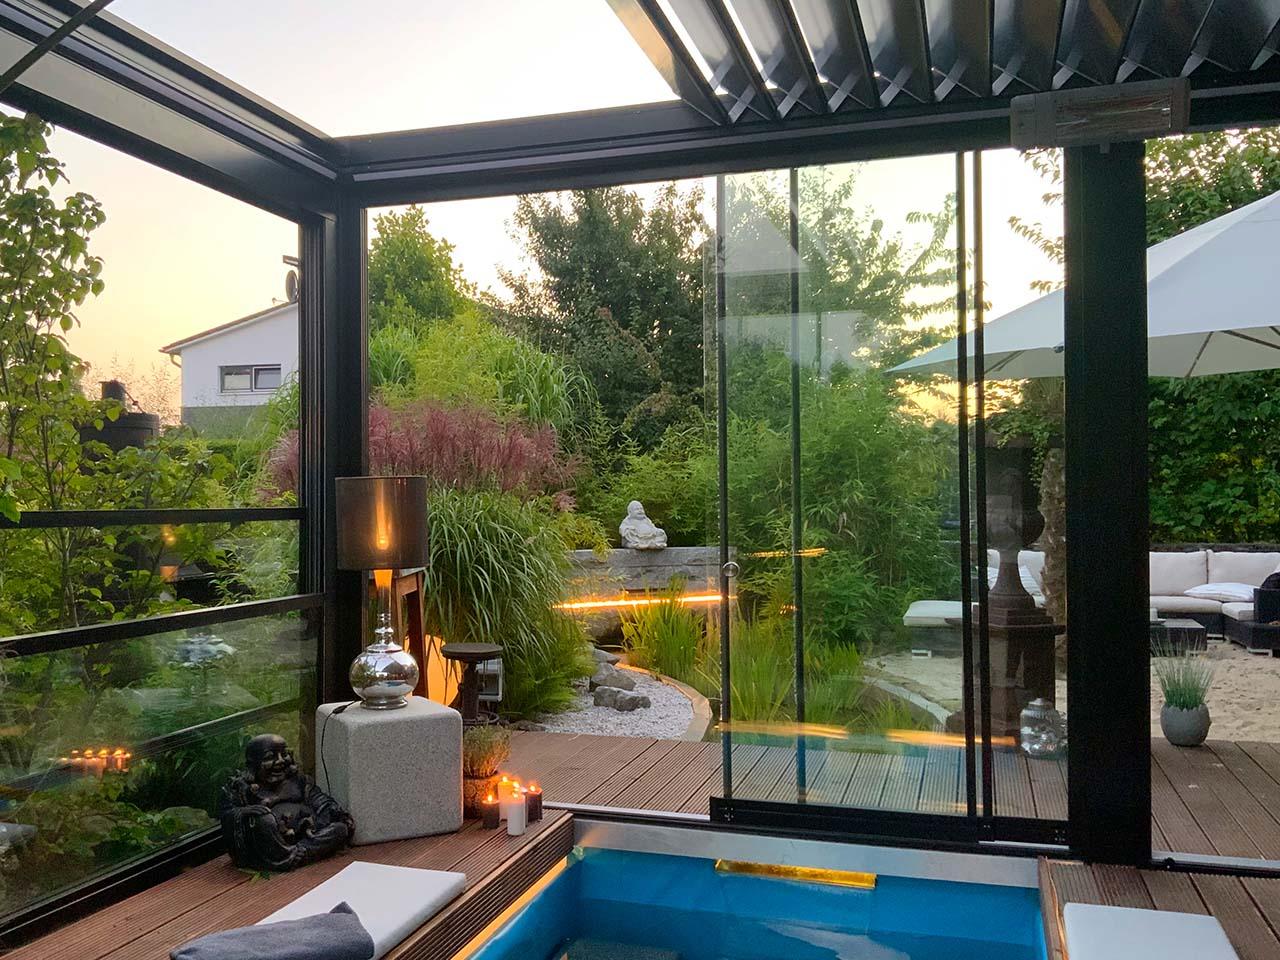 lamellendach palmiye skyroofprestige poolhaus privat 25 - Auffahrbares Lamellendach Skyroof Prestige